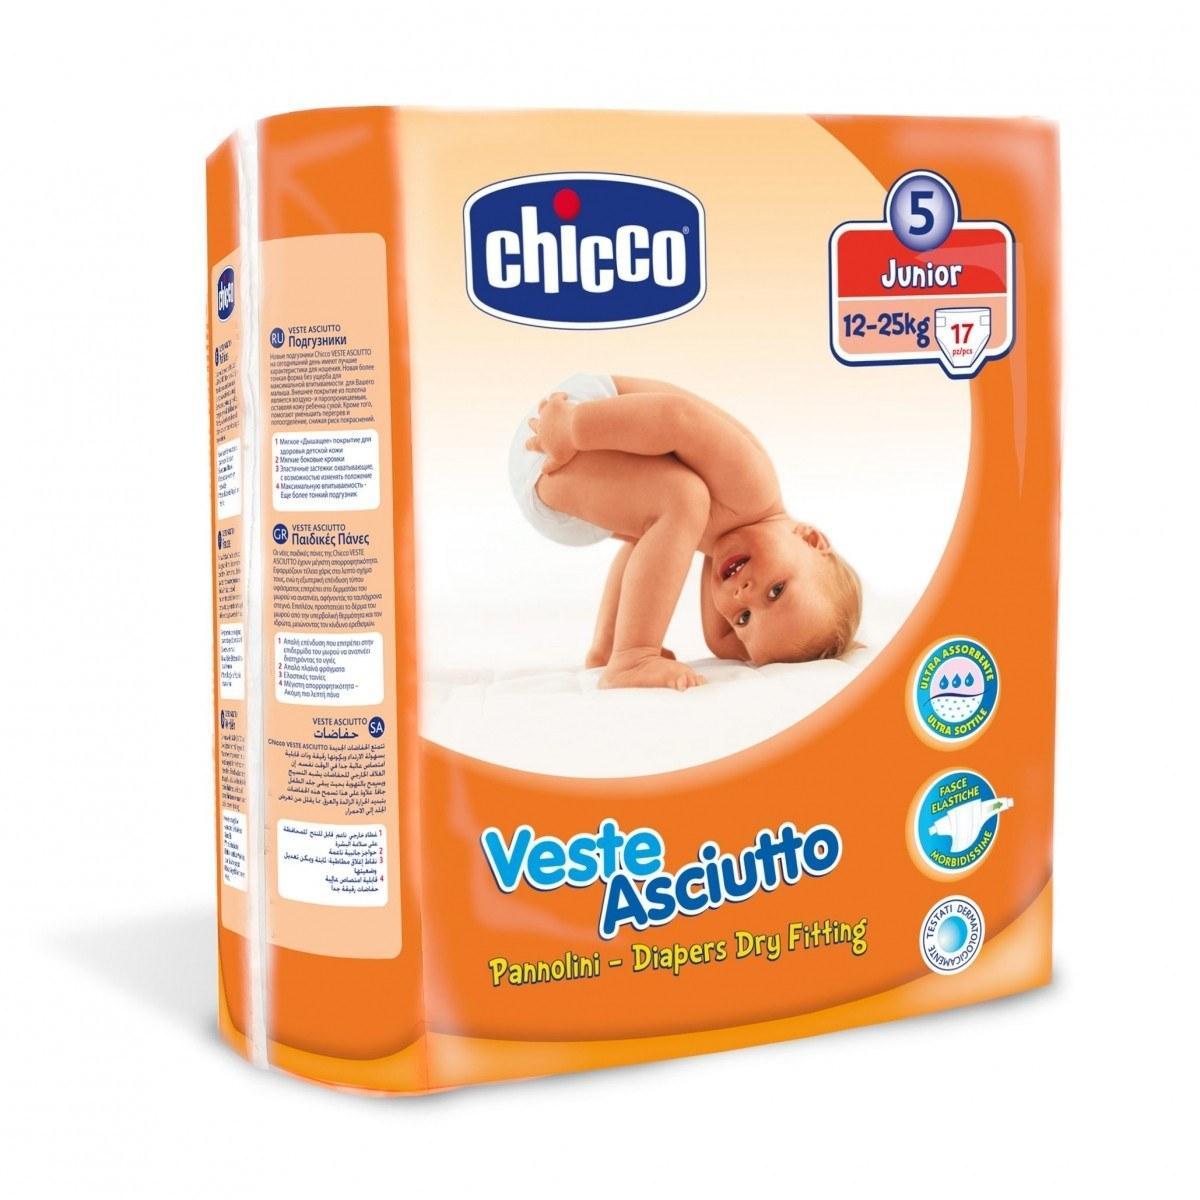 Подгузники Chicco, junior 12-25 кг, 17 шт, 12 мес+